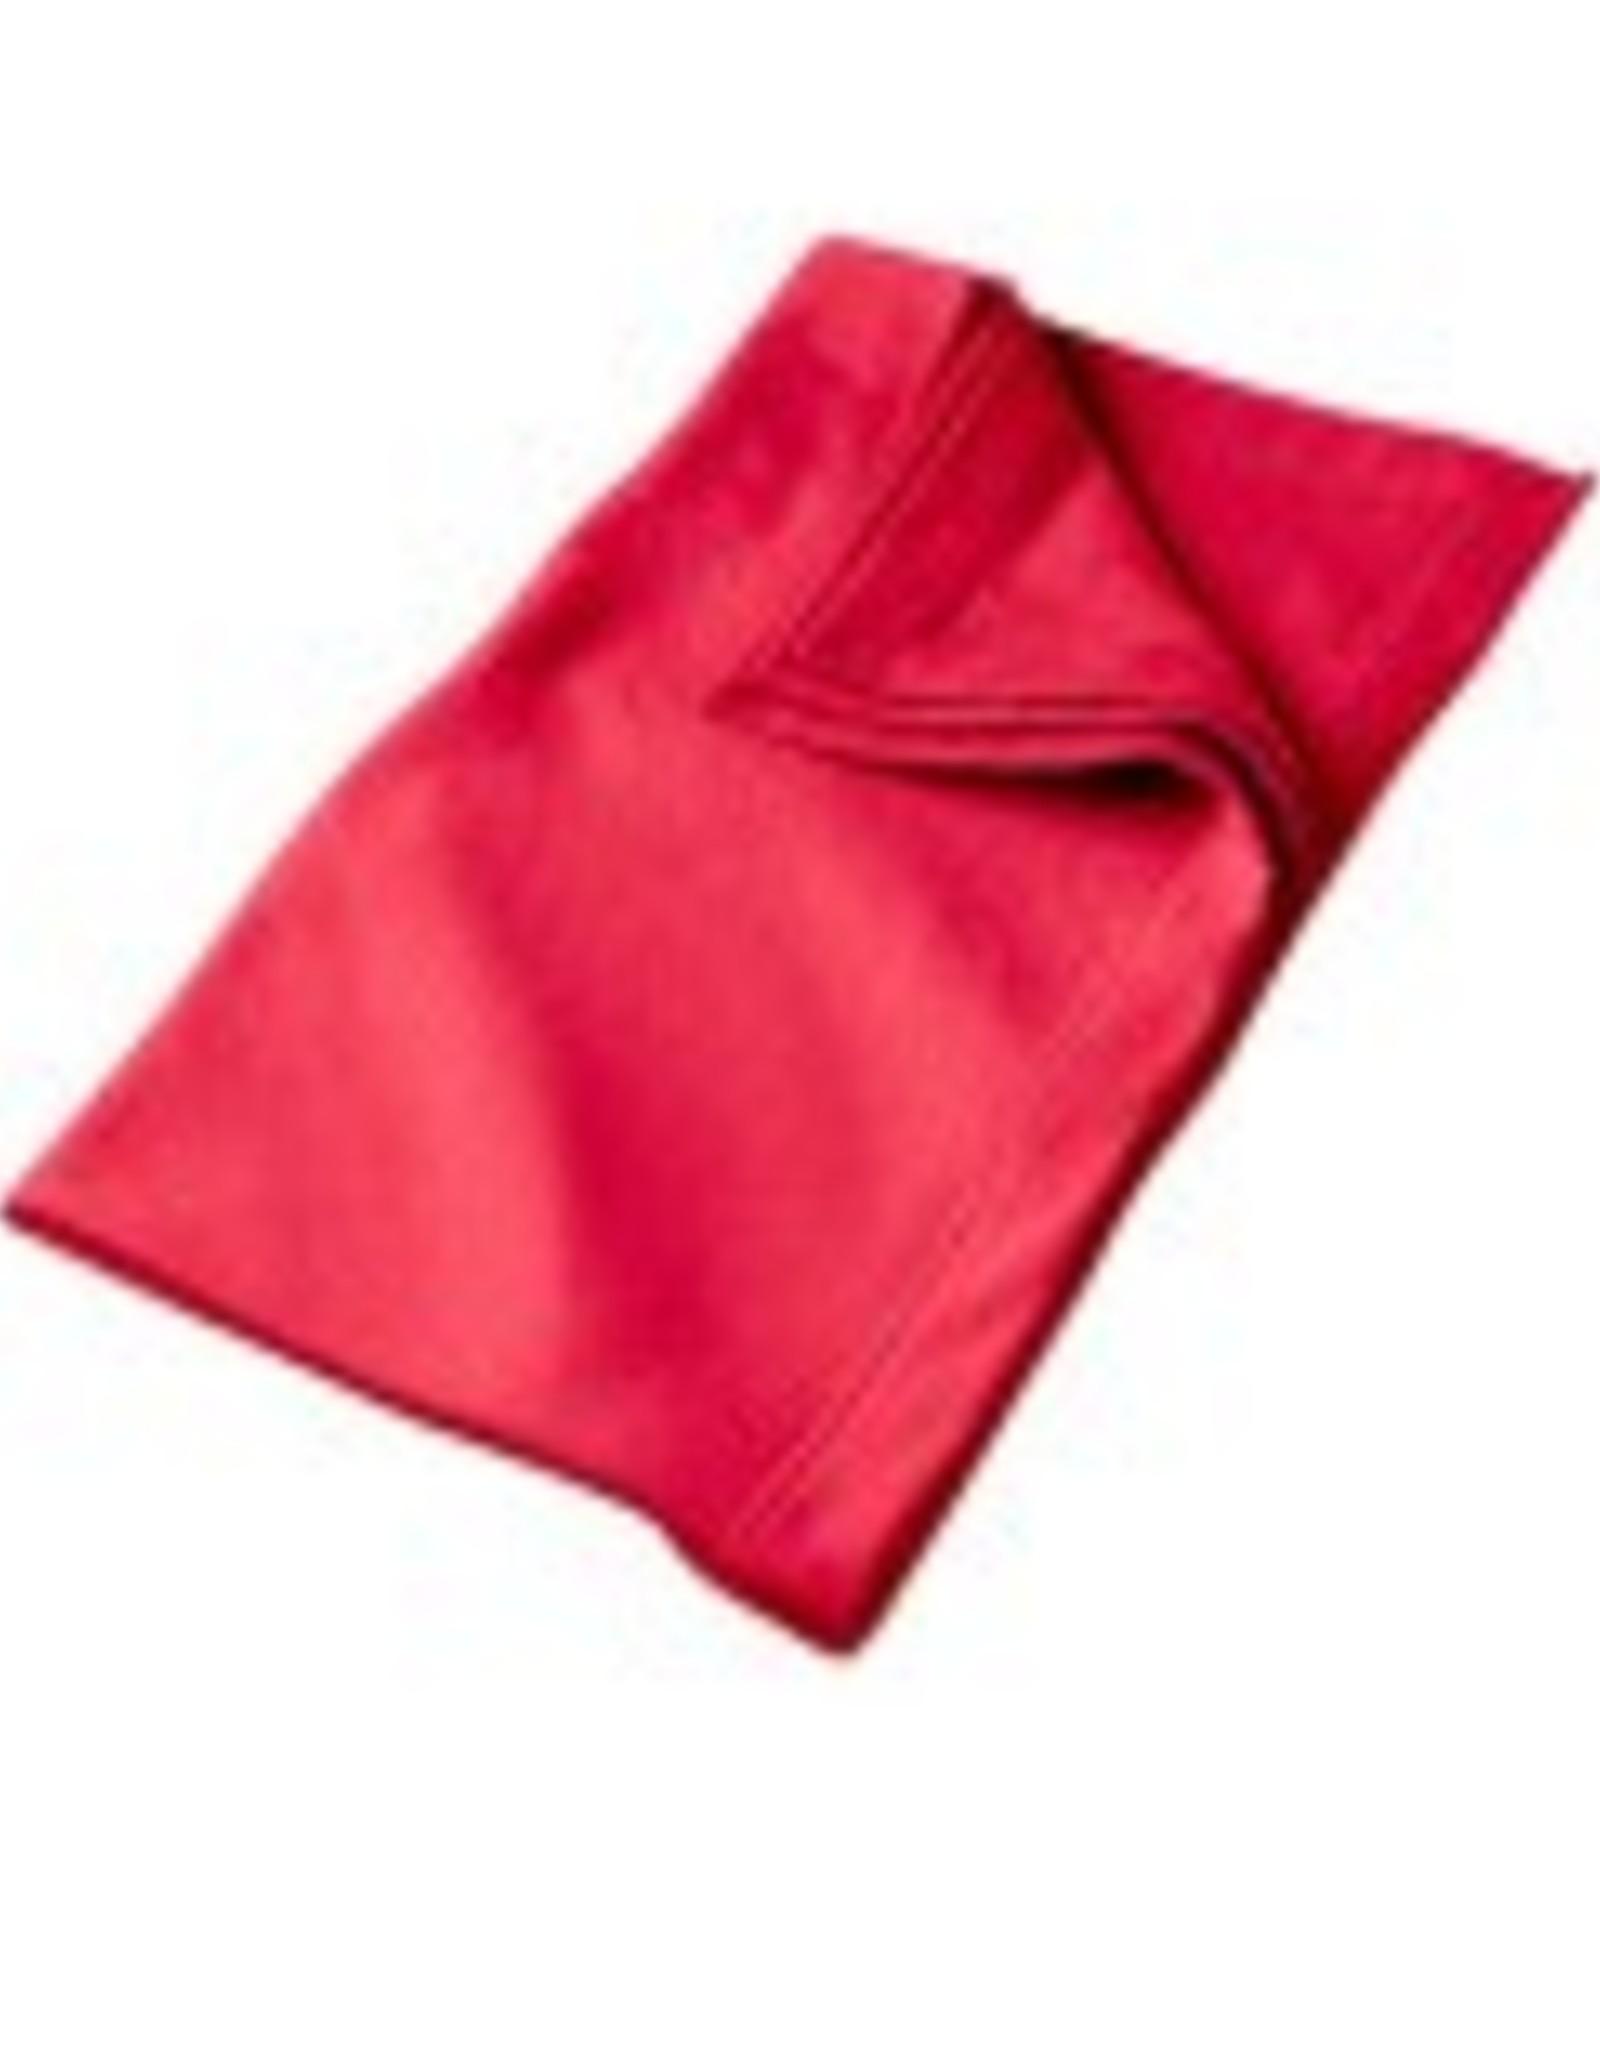 Sweat Fleece Blanket Red